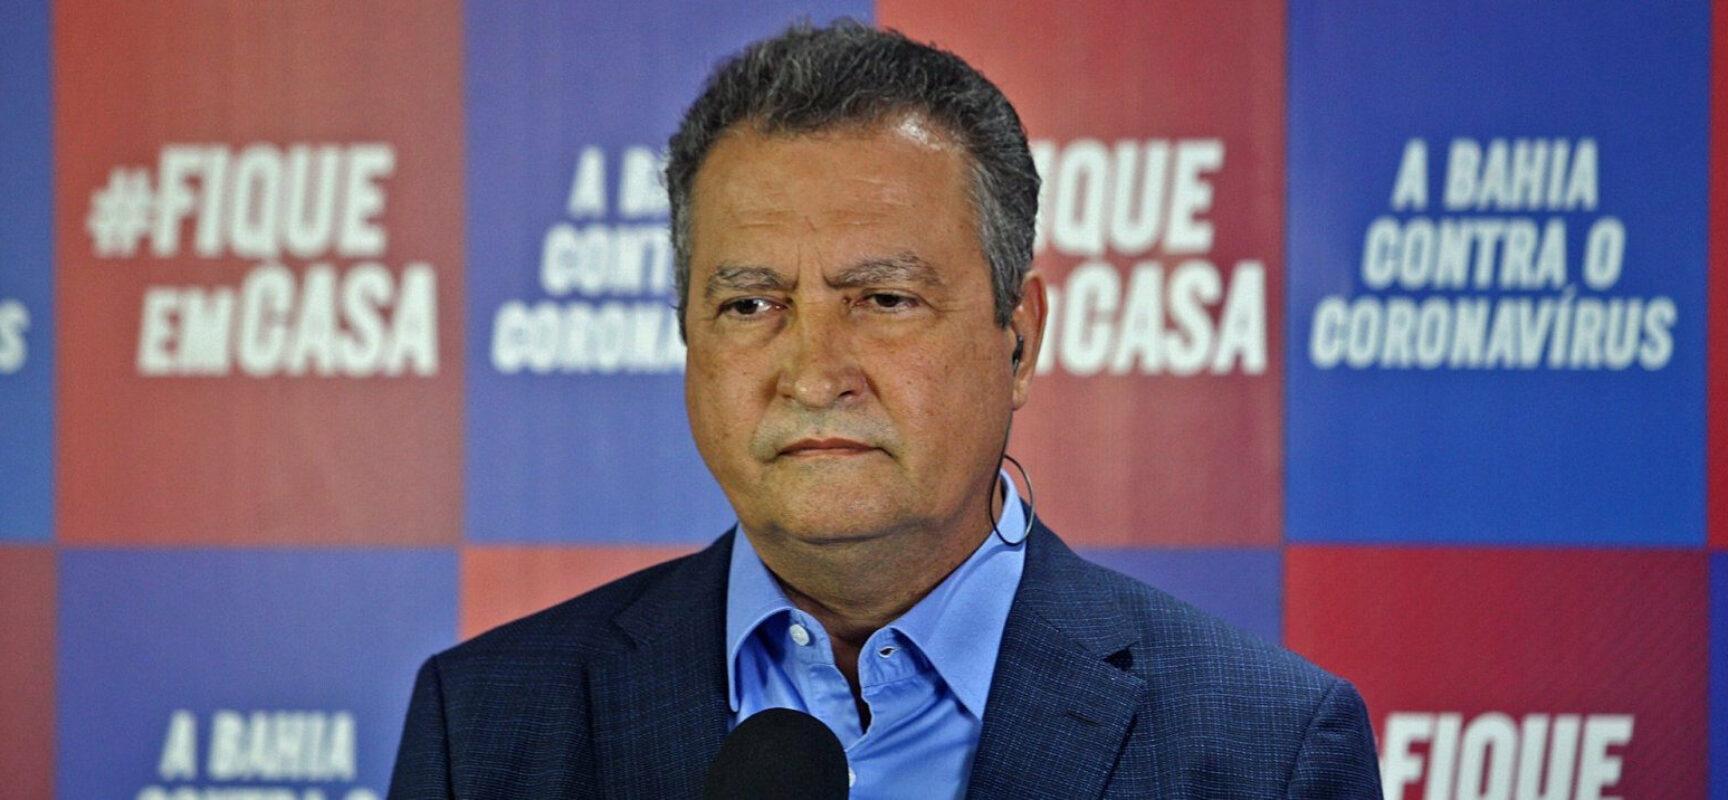 Aras envia cópia de inquéritos envolvendo governadores à CPI da Covid-19. Rui Costa na mira